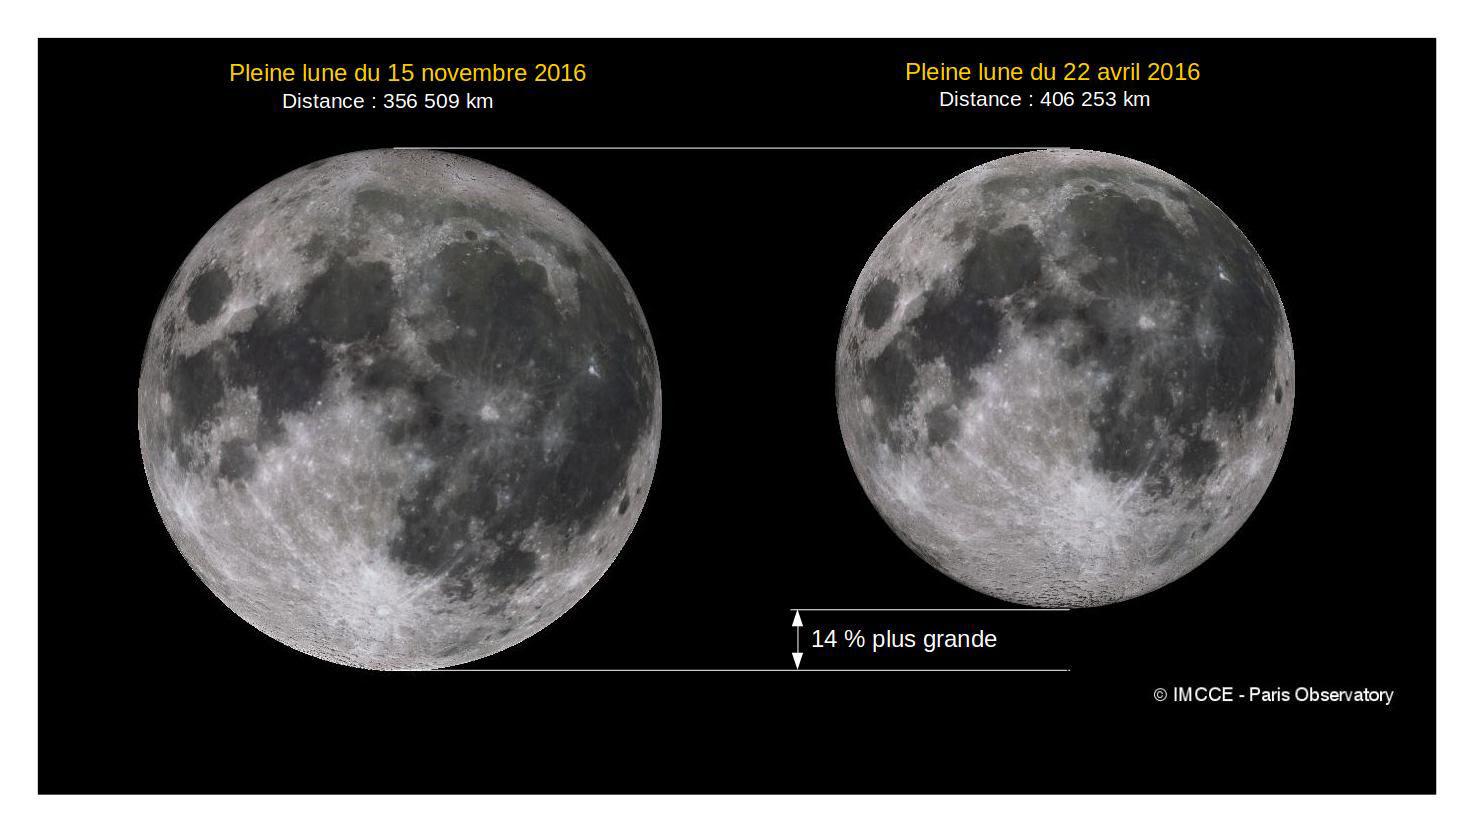 http://welikeit.fr/wp-content/uploads/2016/11/5-points-importants-sur-la-super-lune-du-14-novembre-2016.jpg